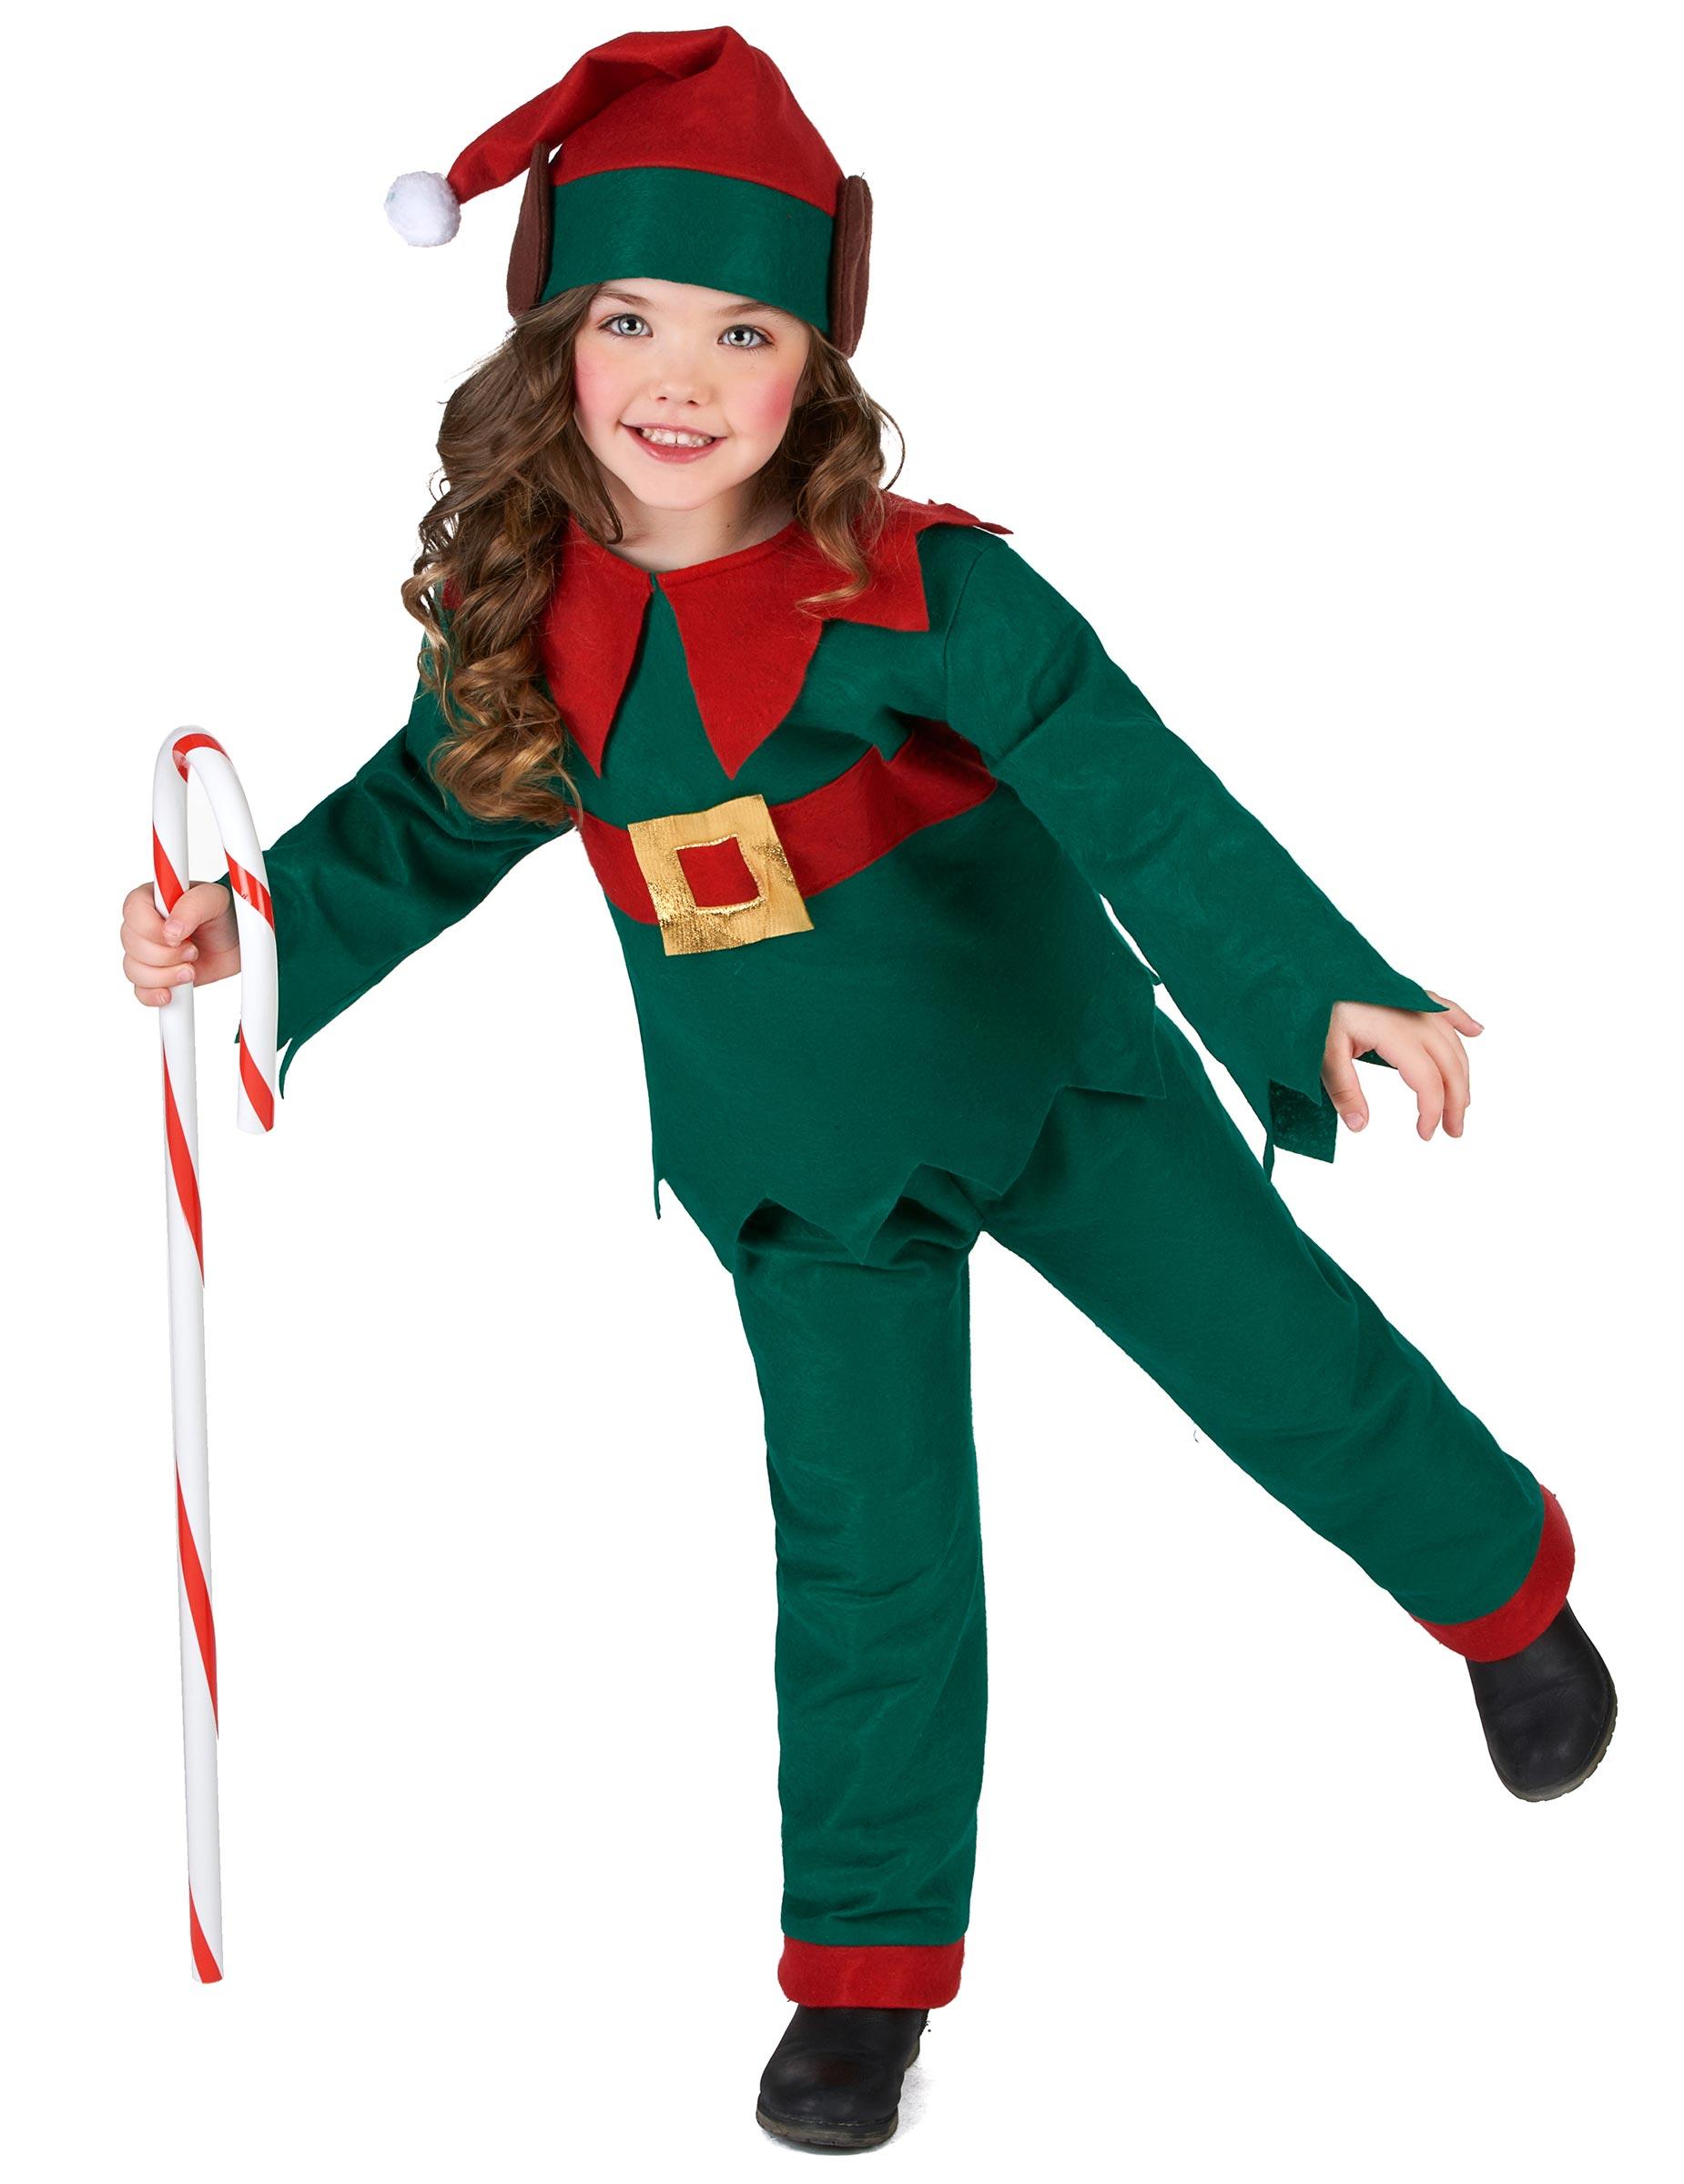 Tomtenissedräkt för barn till jul 3e9cee922a0f9